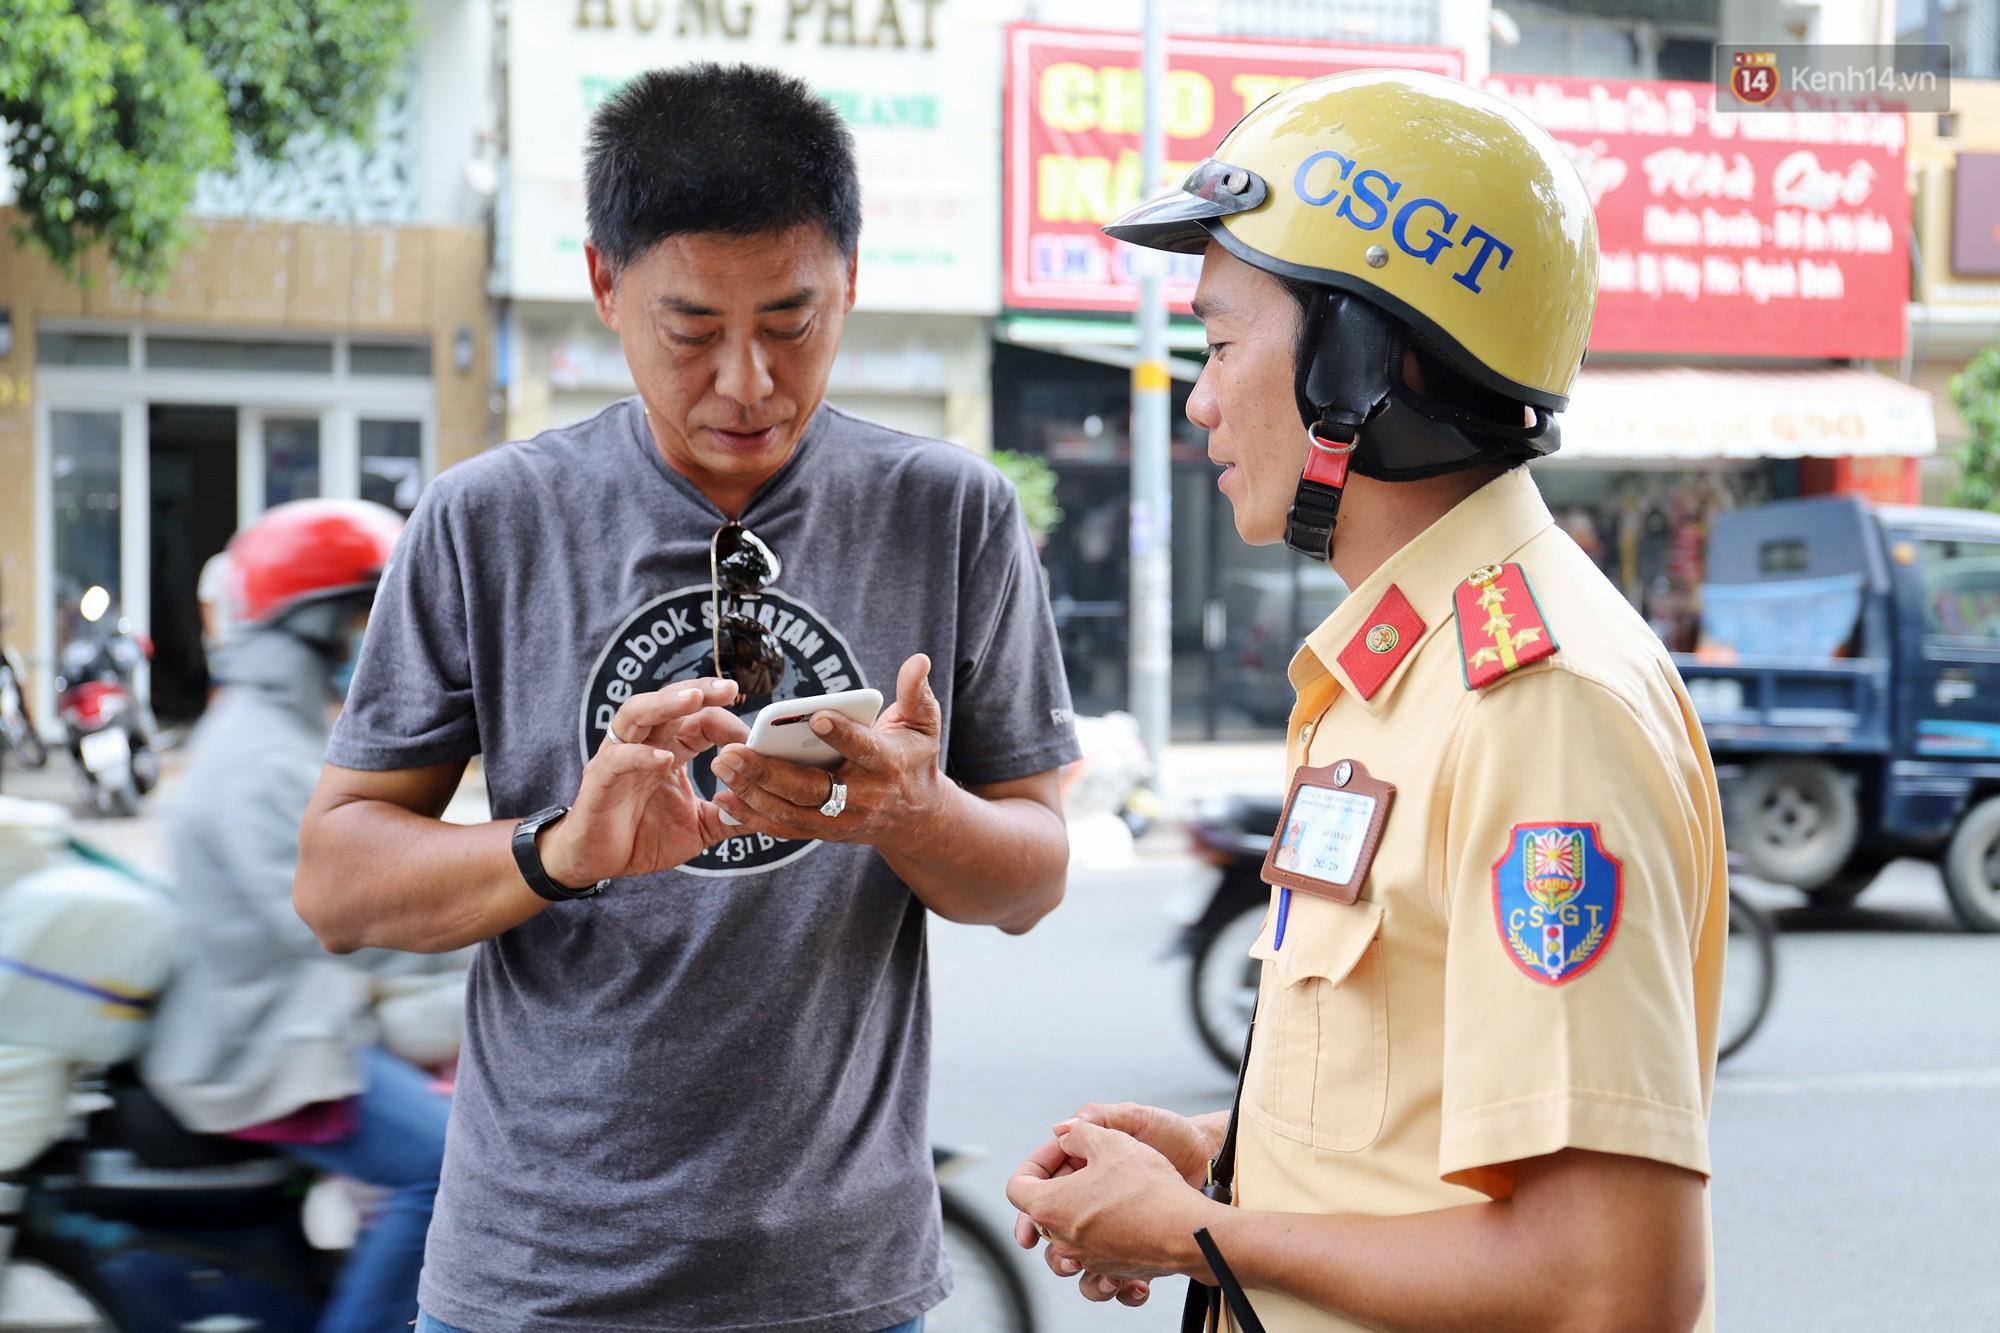 Chuyện người chiến sỹ CSGT được anh em tài xế Sài Gòn gọi bằng cái tên thân mật: Anh Đạt kích bình, cứ gọi là có - Ảnh 4.